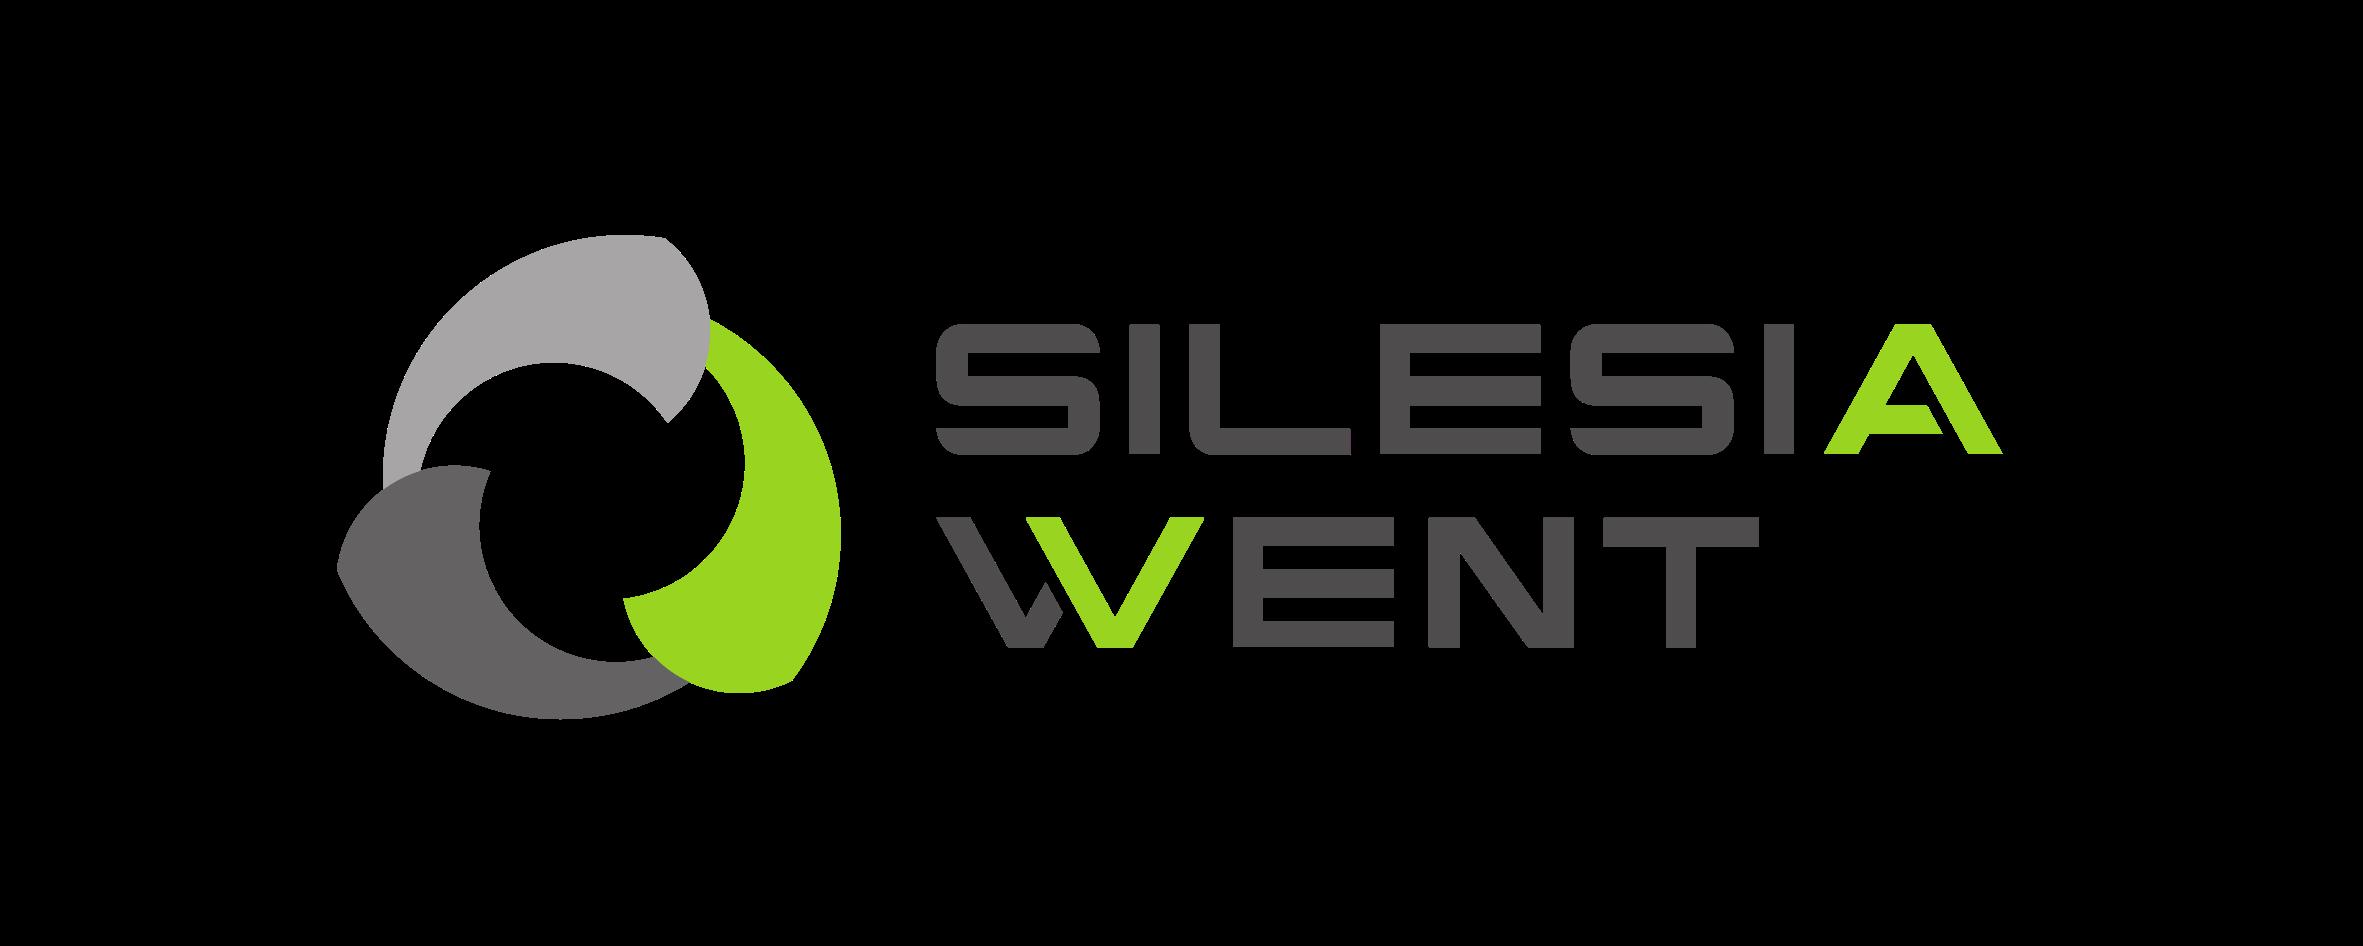 SILESIA WENT